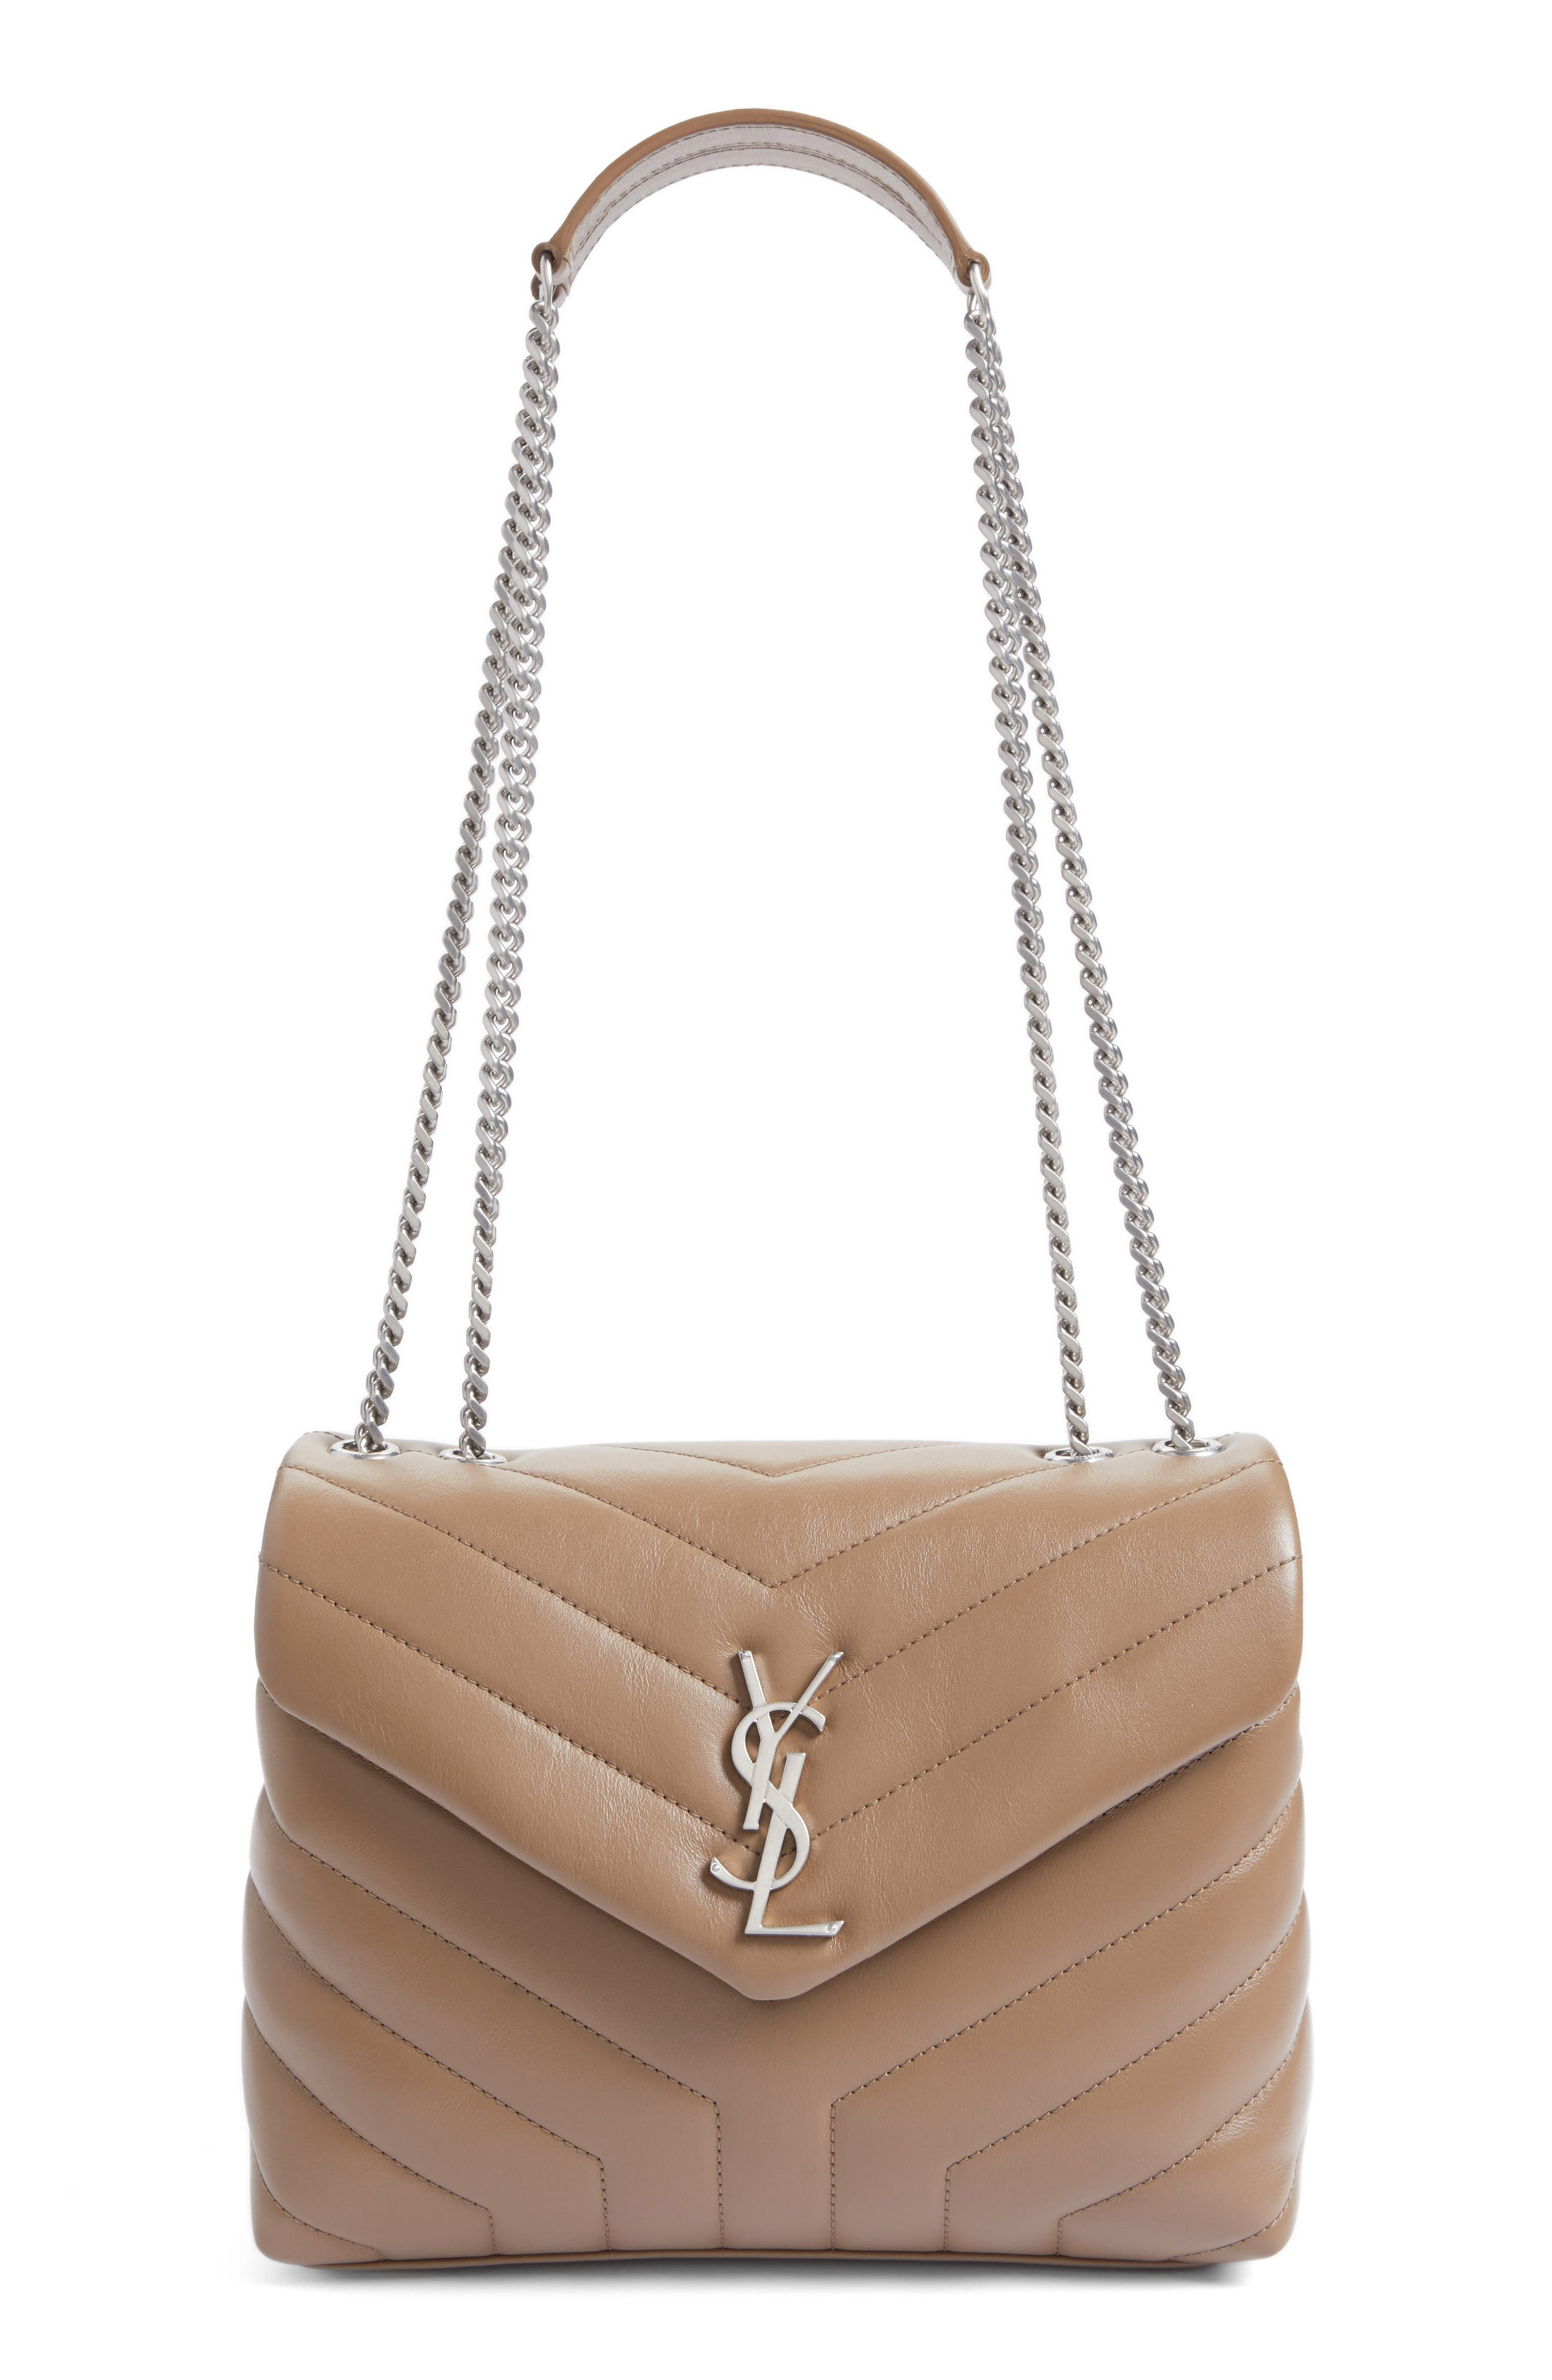 Main Image - Saint Laurent Small Loulou Matelassé Leather Shoulder Bag